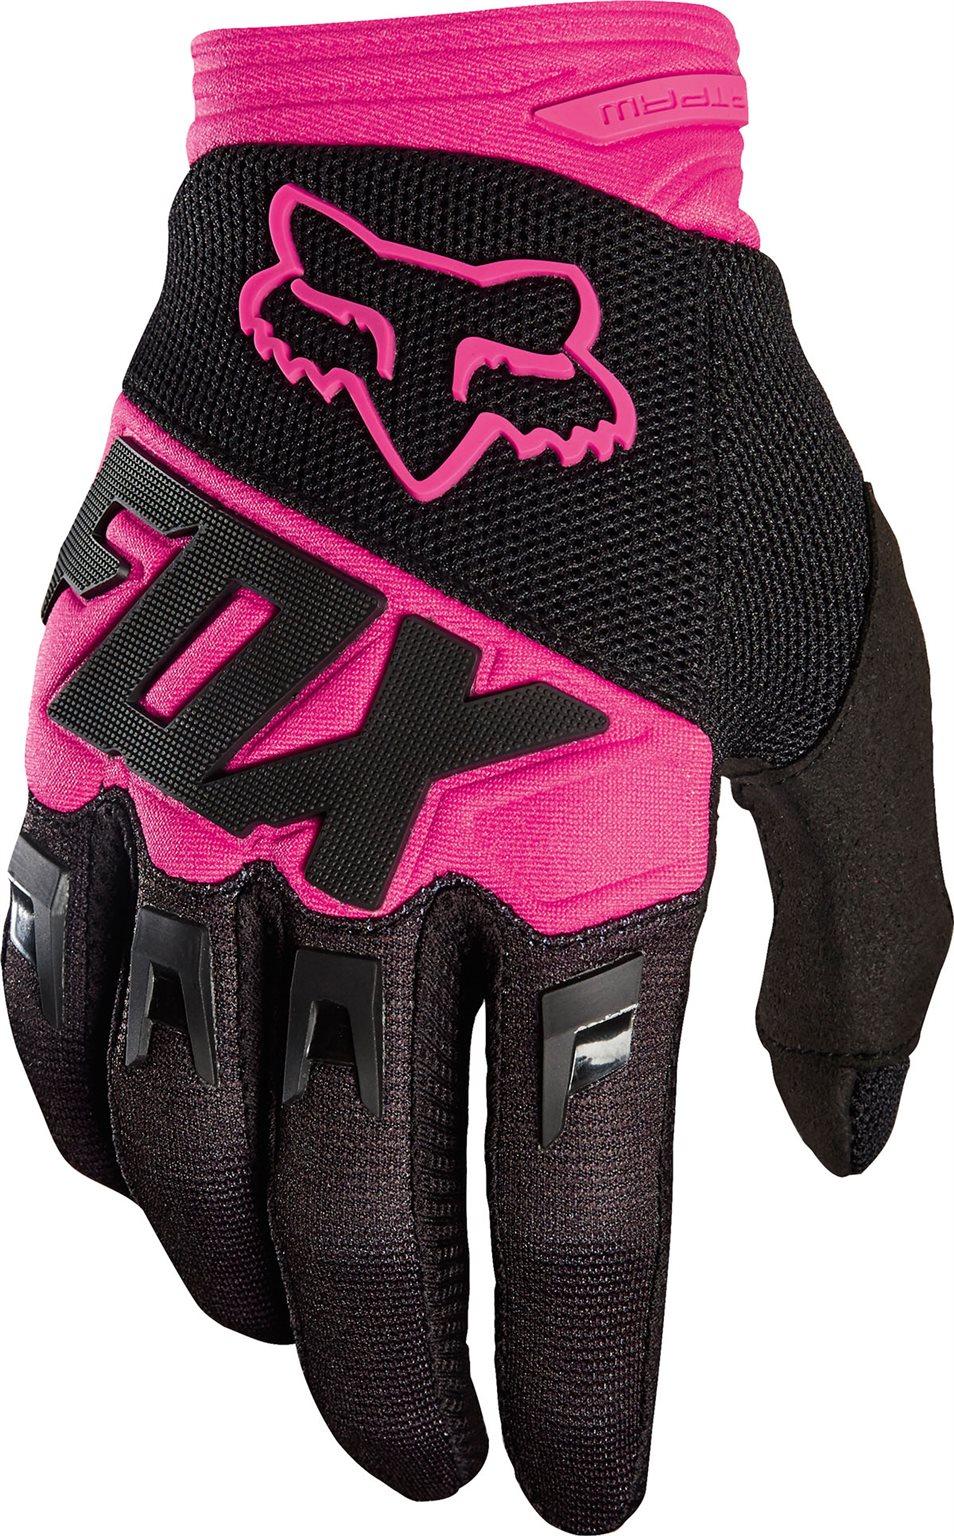 Fox cross kesztyû Dirtpaw Race fekete-pink